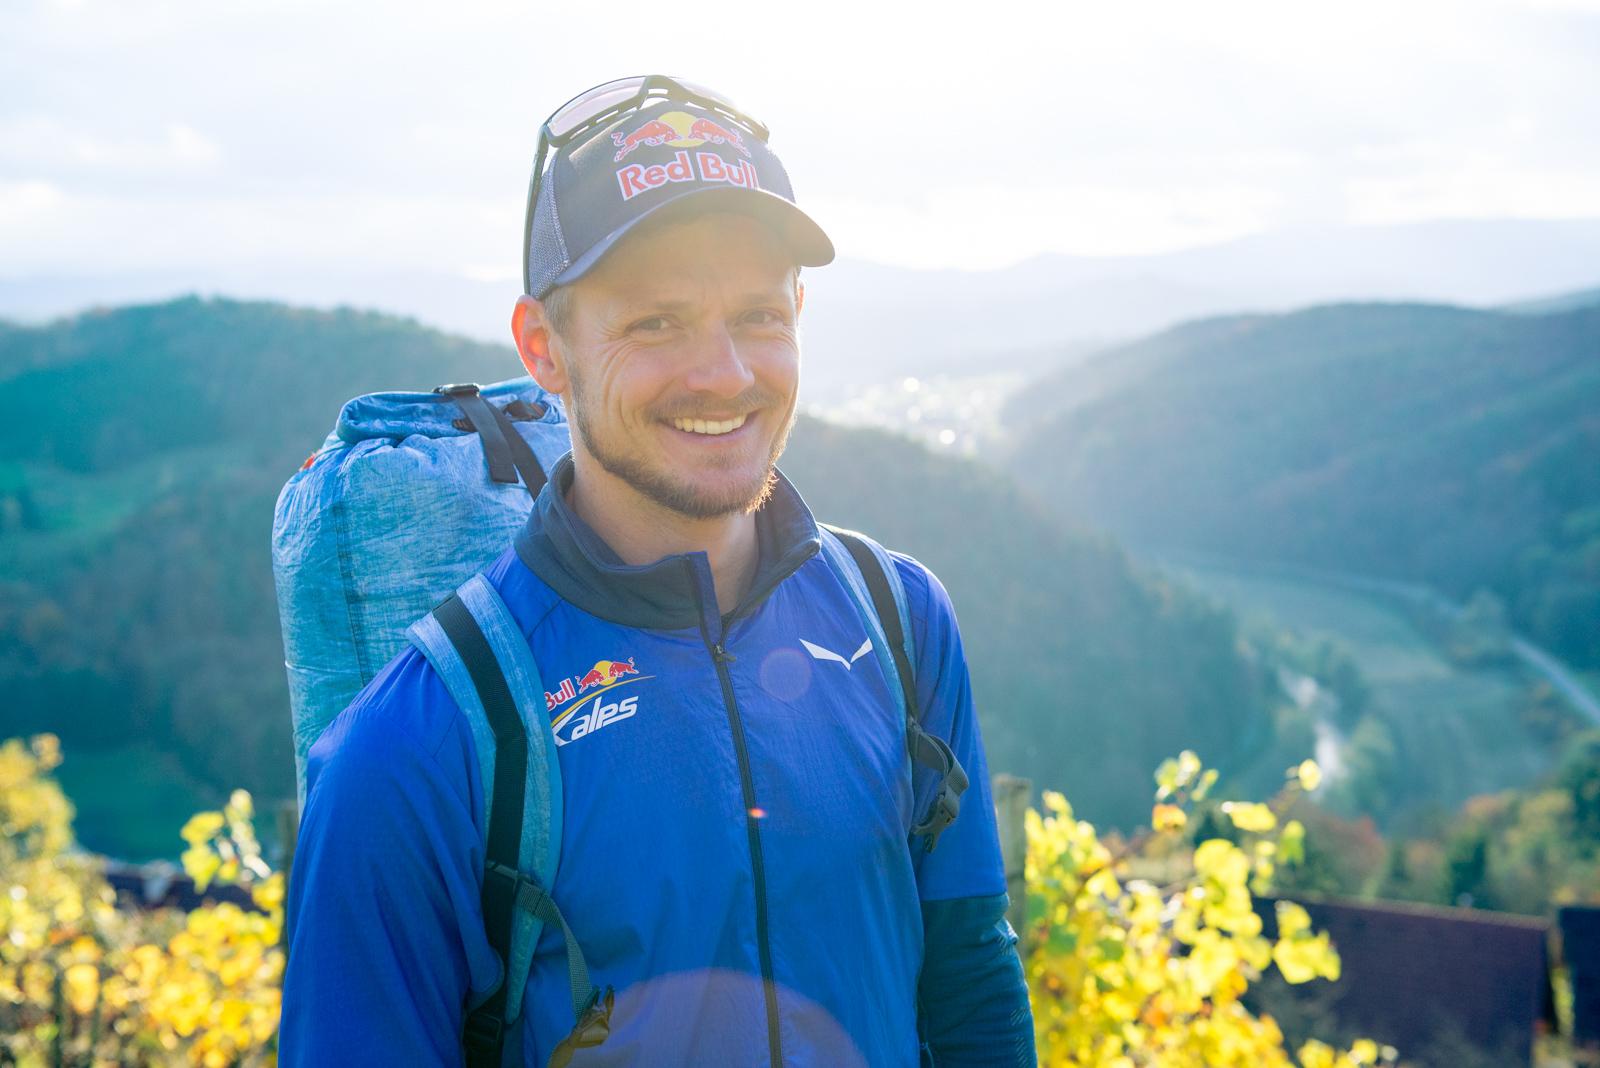 Paul Guschlbauer